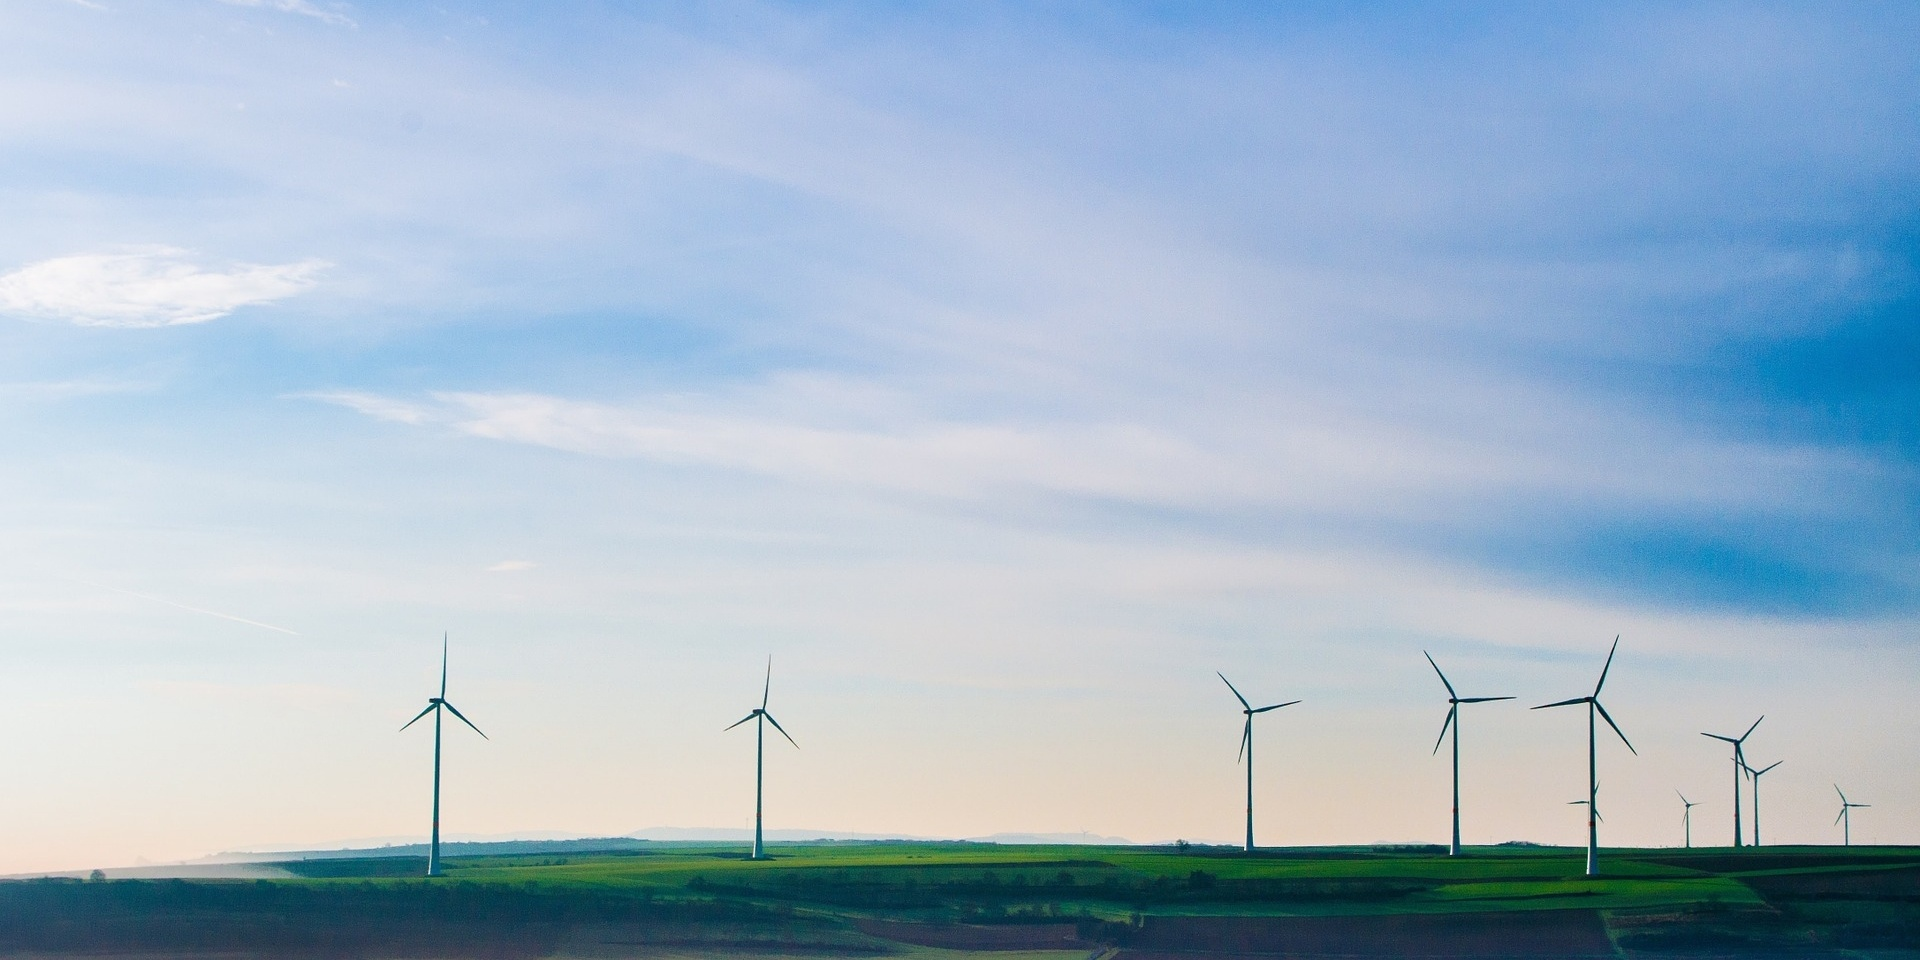 wind-turbine-sky-pixabay.jpg